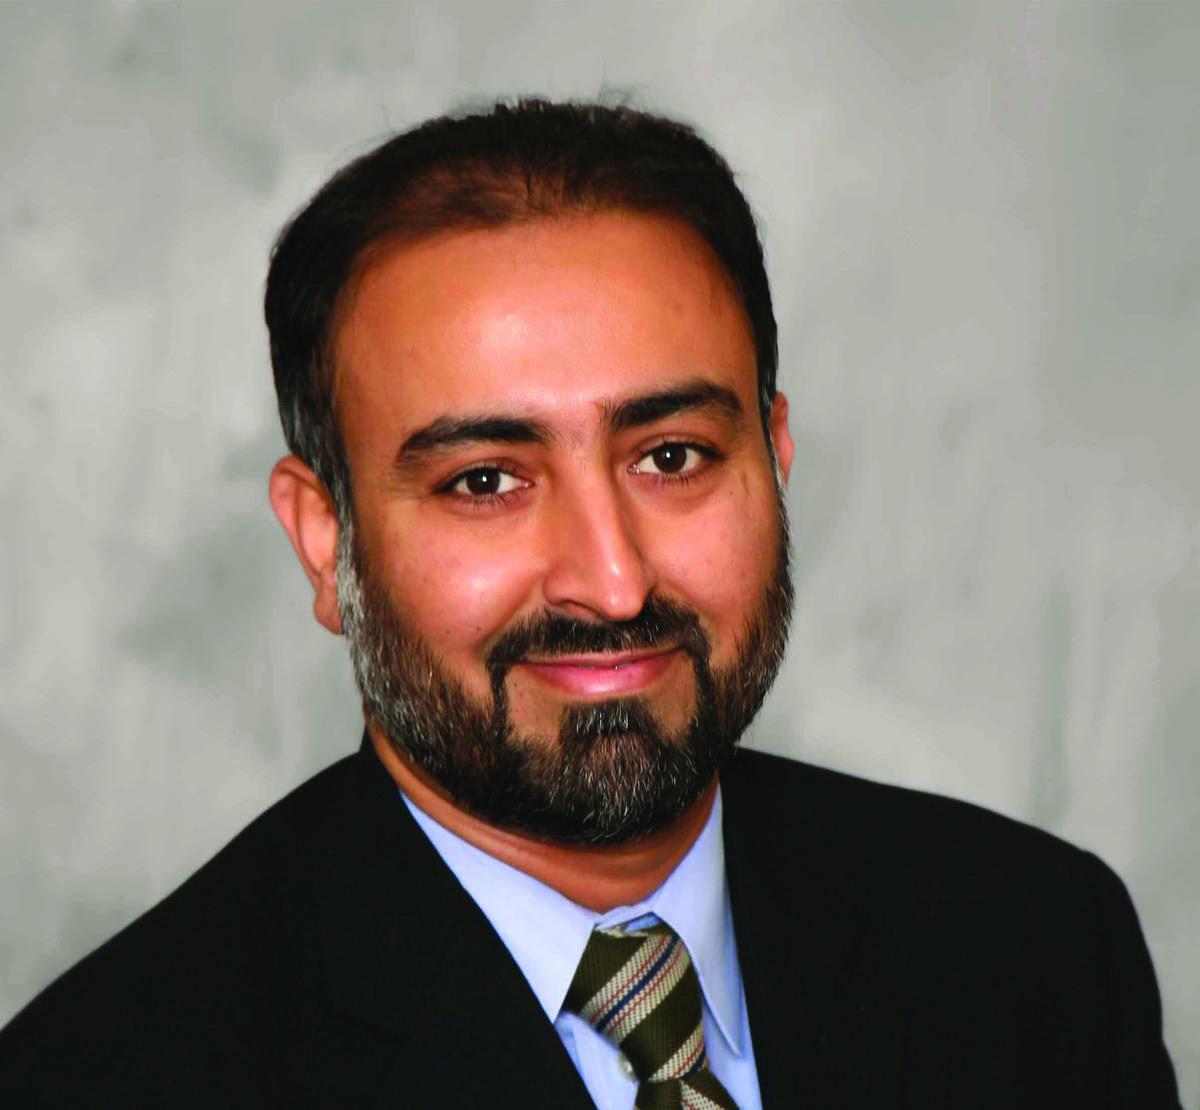 الدكتور فهيم يونس القرشي